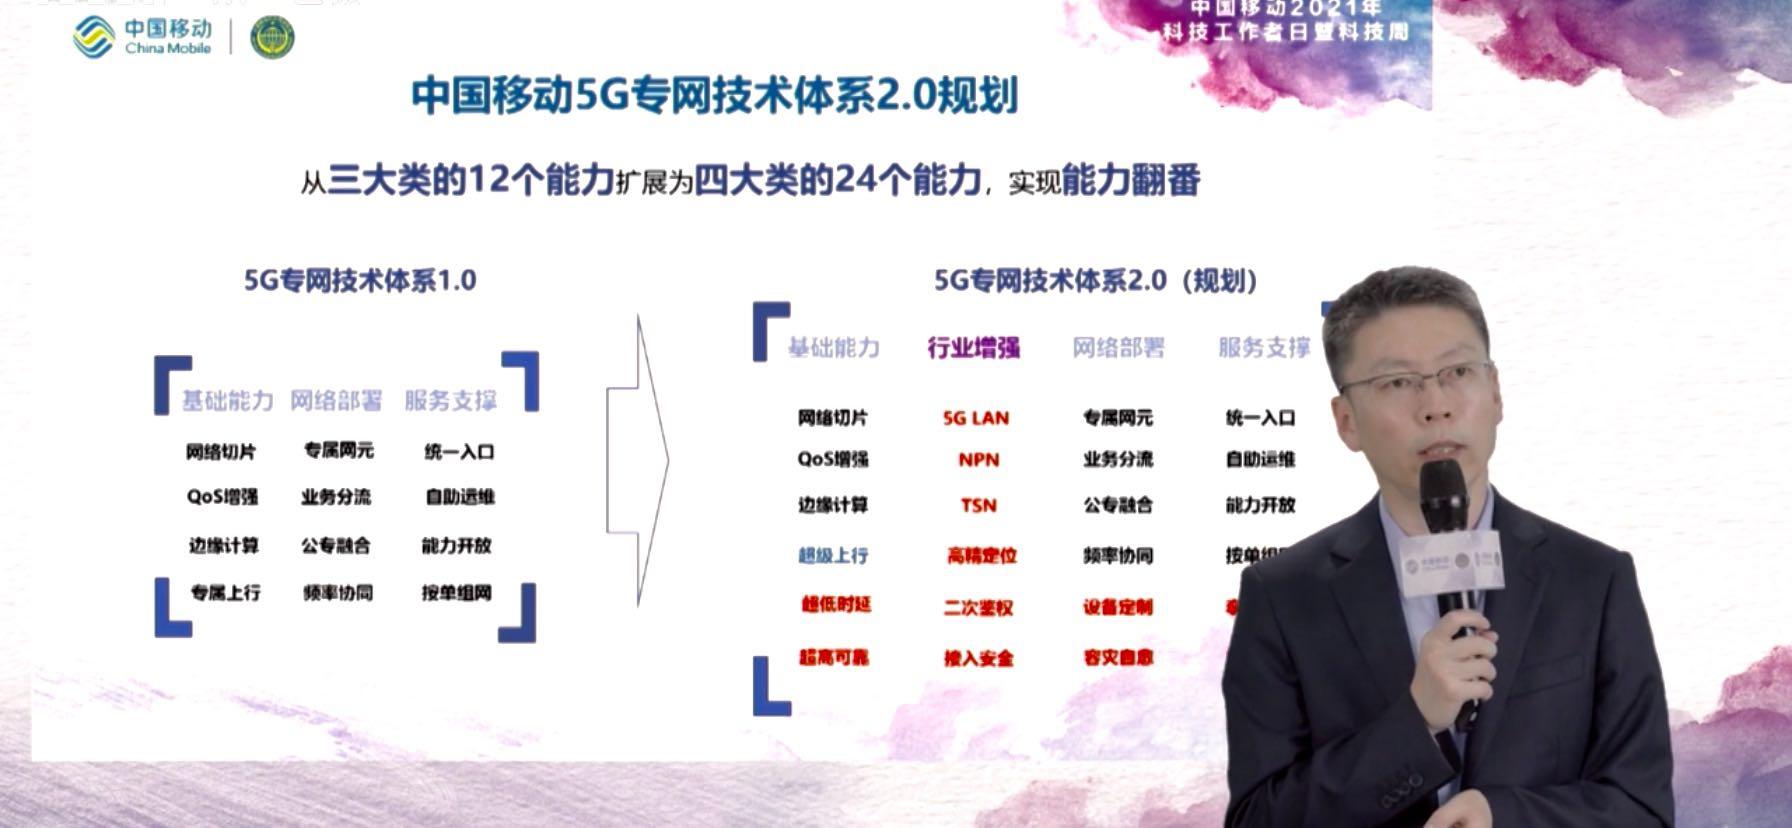 四大类24项能力:中国移动5G专网技术体系2.0实现能力翻番